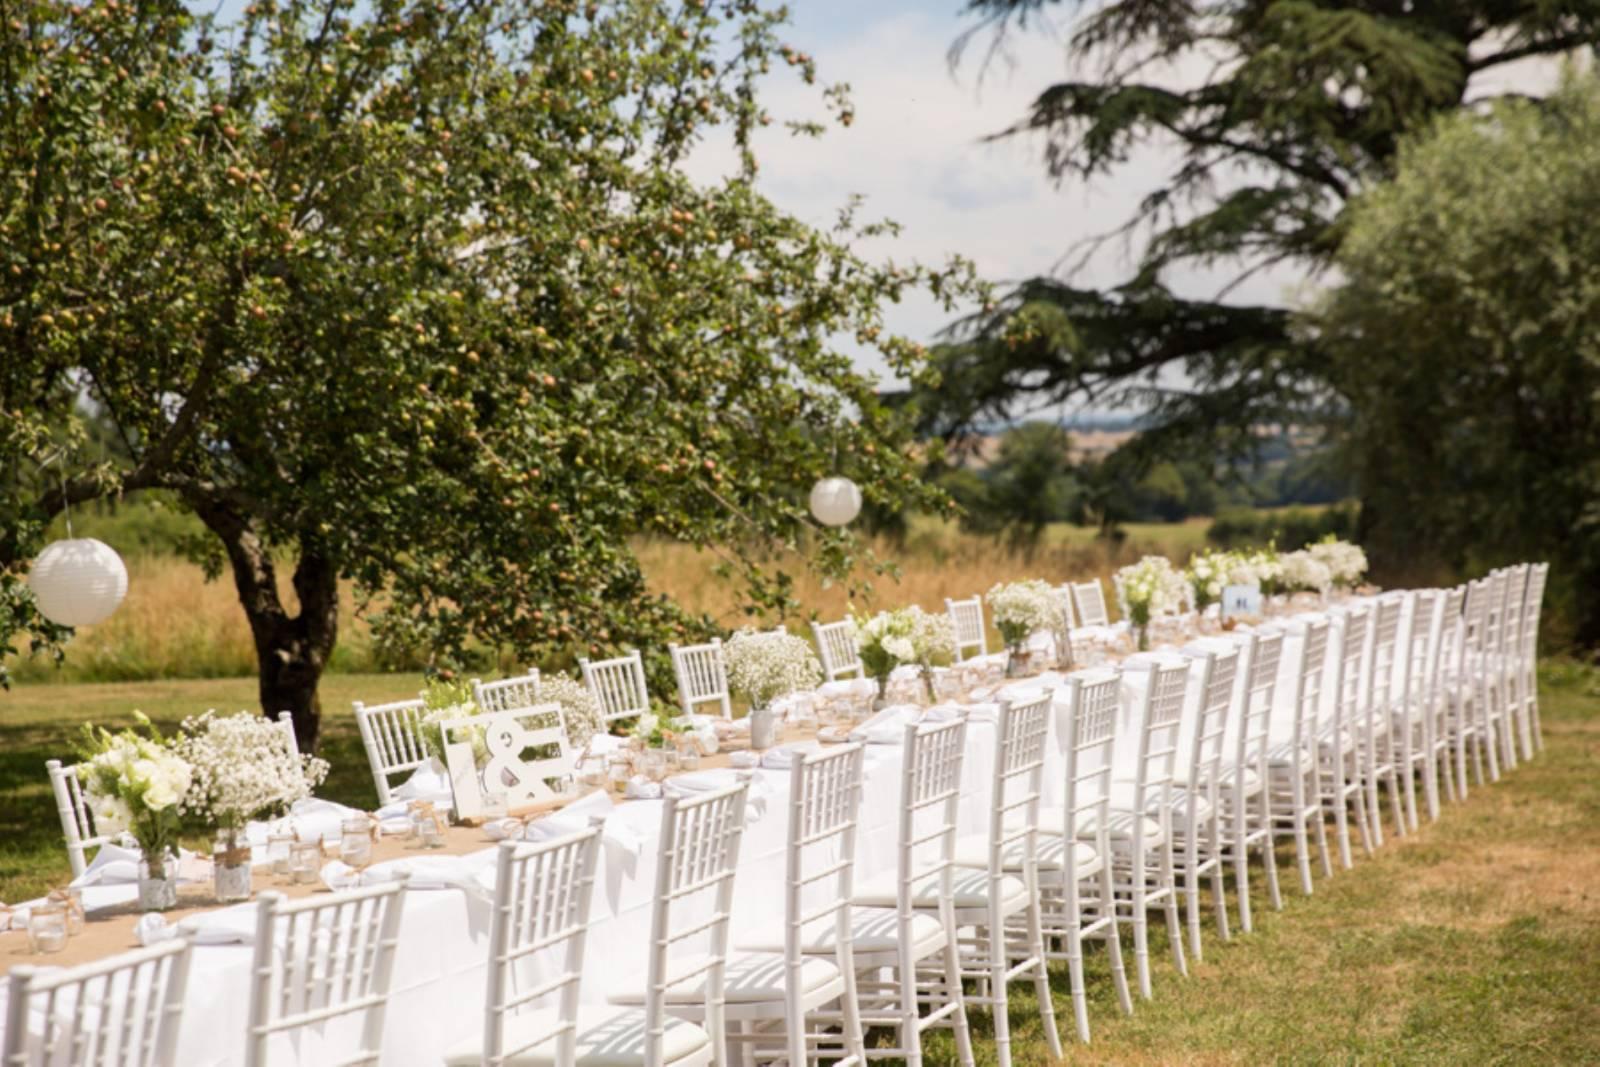 Elegant Events - Weddingplanner - Fotograaf Inge van den Broek fotografie - House of Weddings (2)